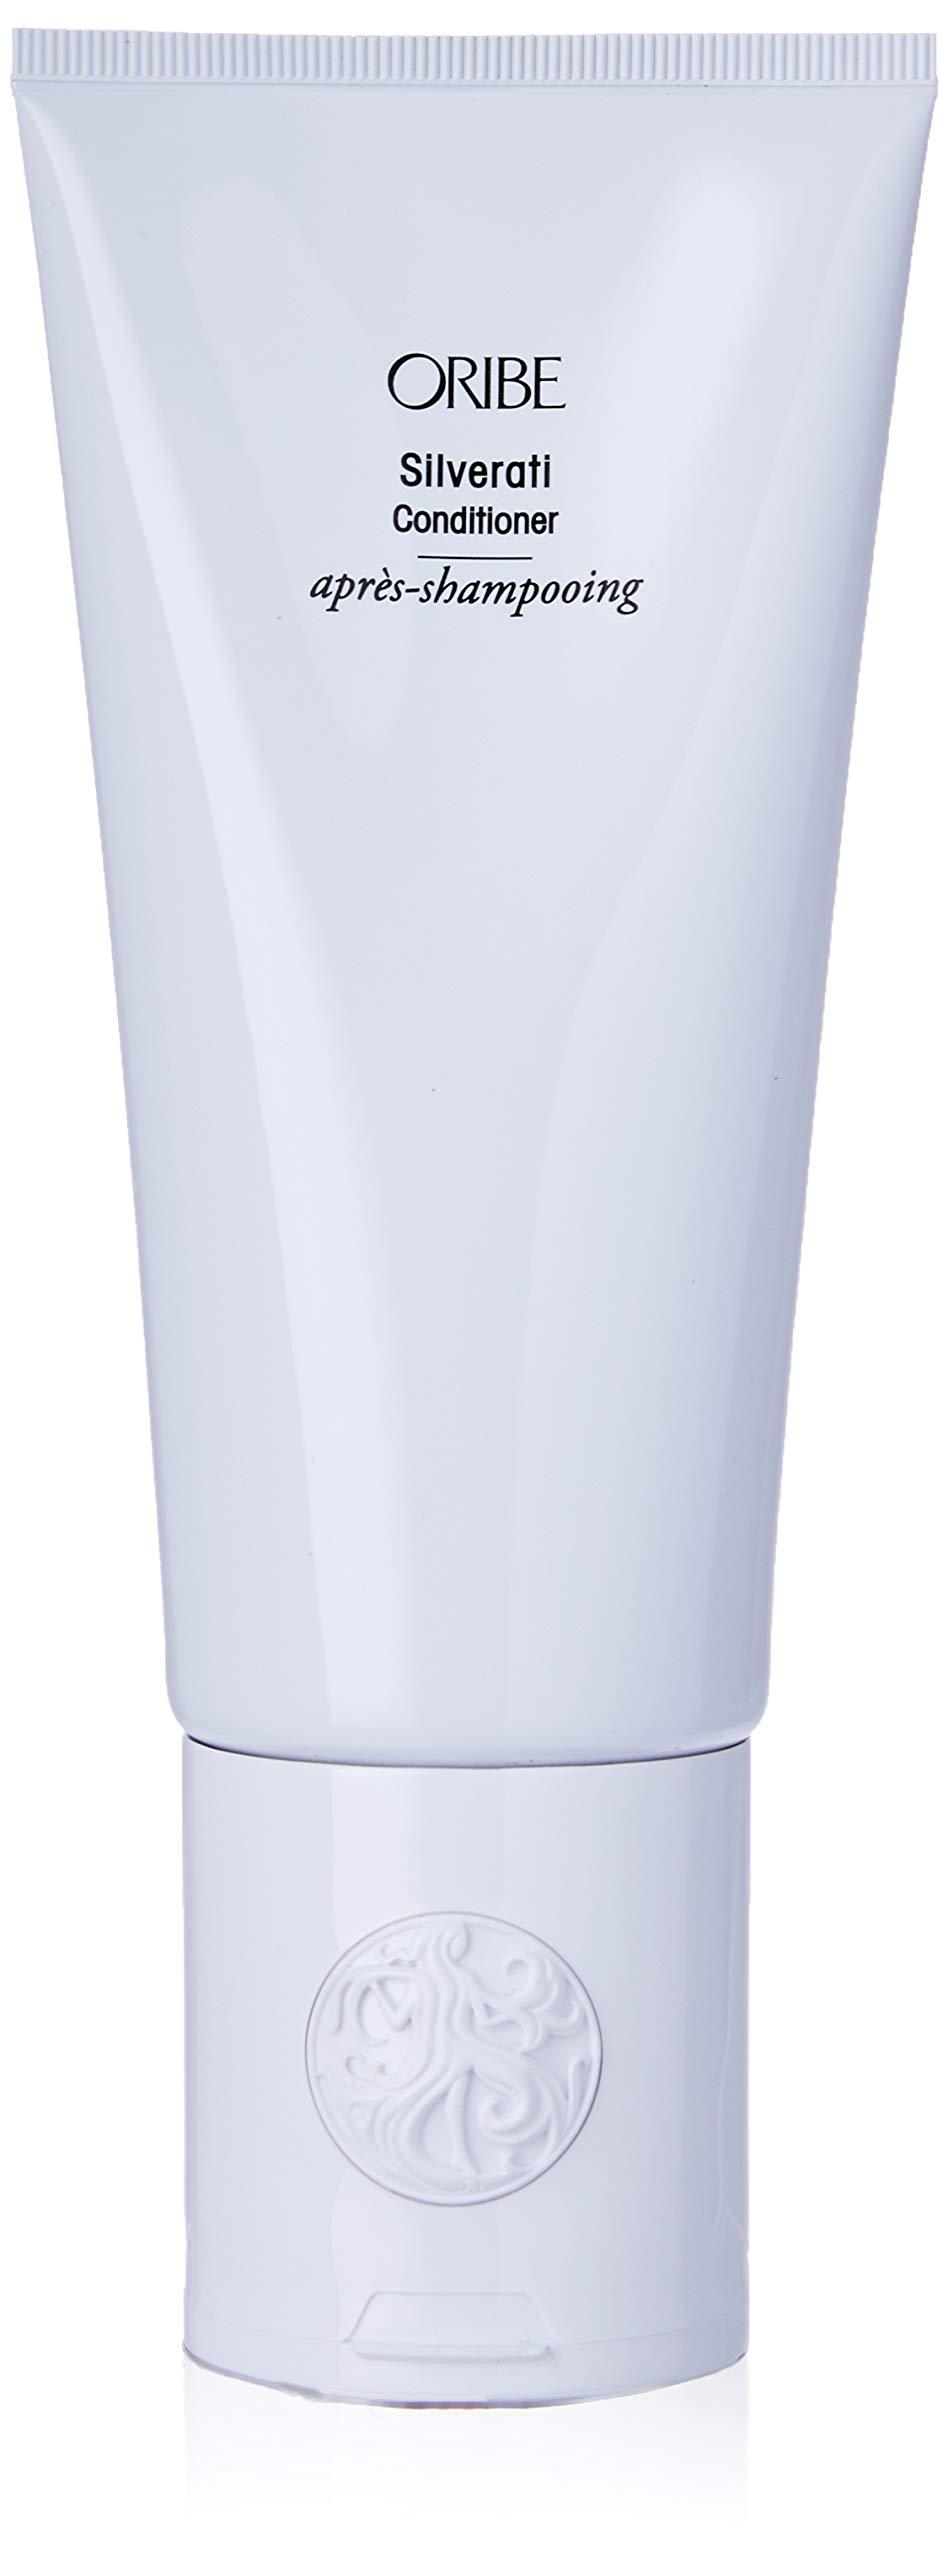 ORIBE Silverati Conditioner, 6.8 oz by ORIBE